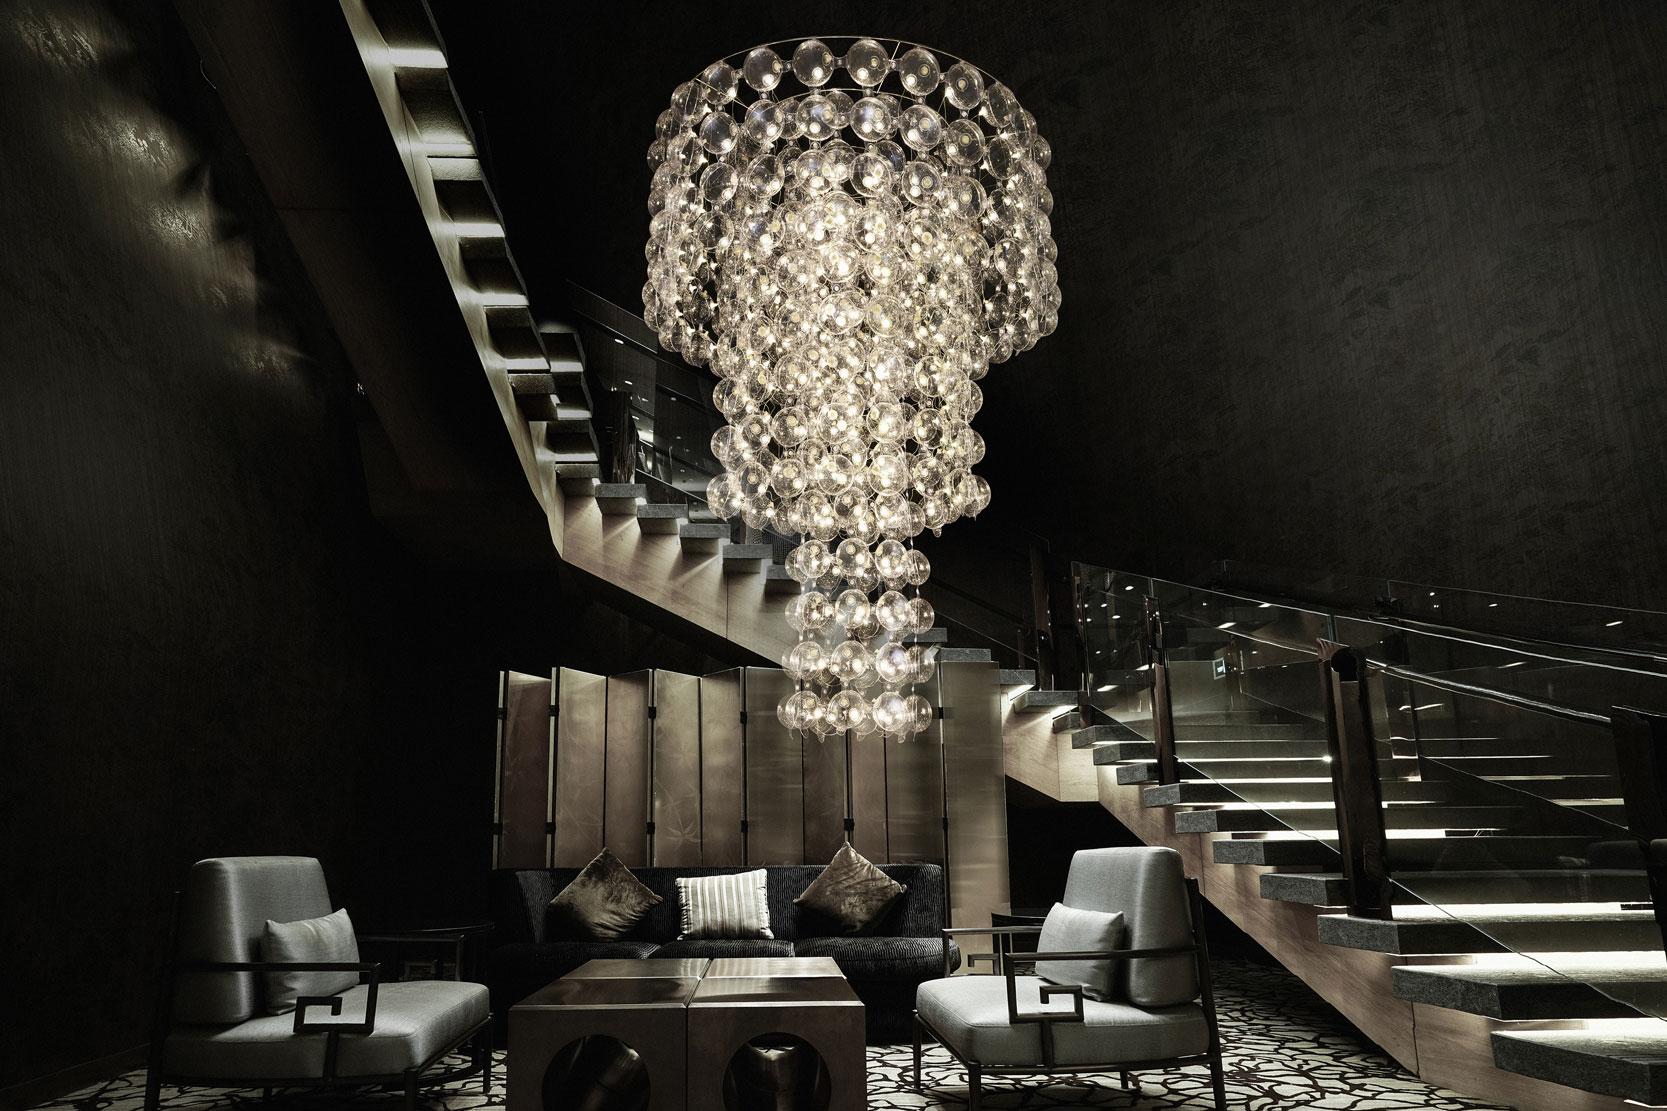 Kubo Deco, mobilier, décoration d'intérieur, Puff Buff, Morges, Suisse Romande, meubles contemporains